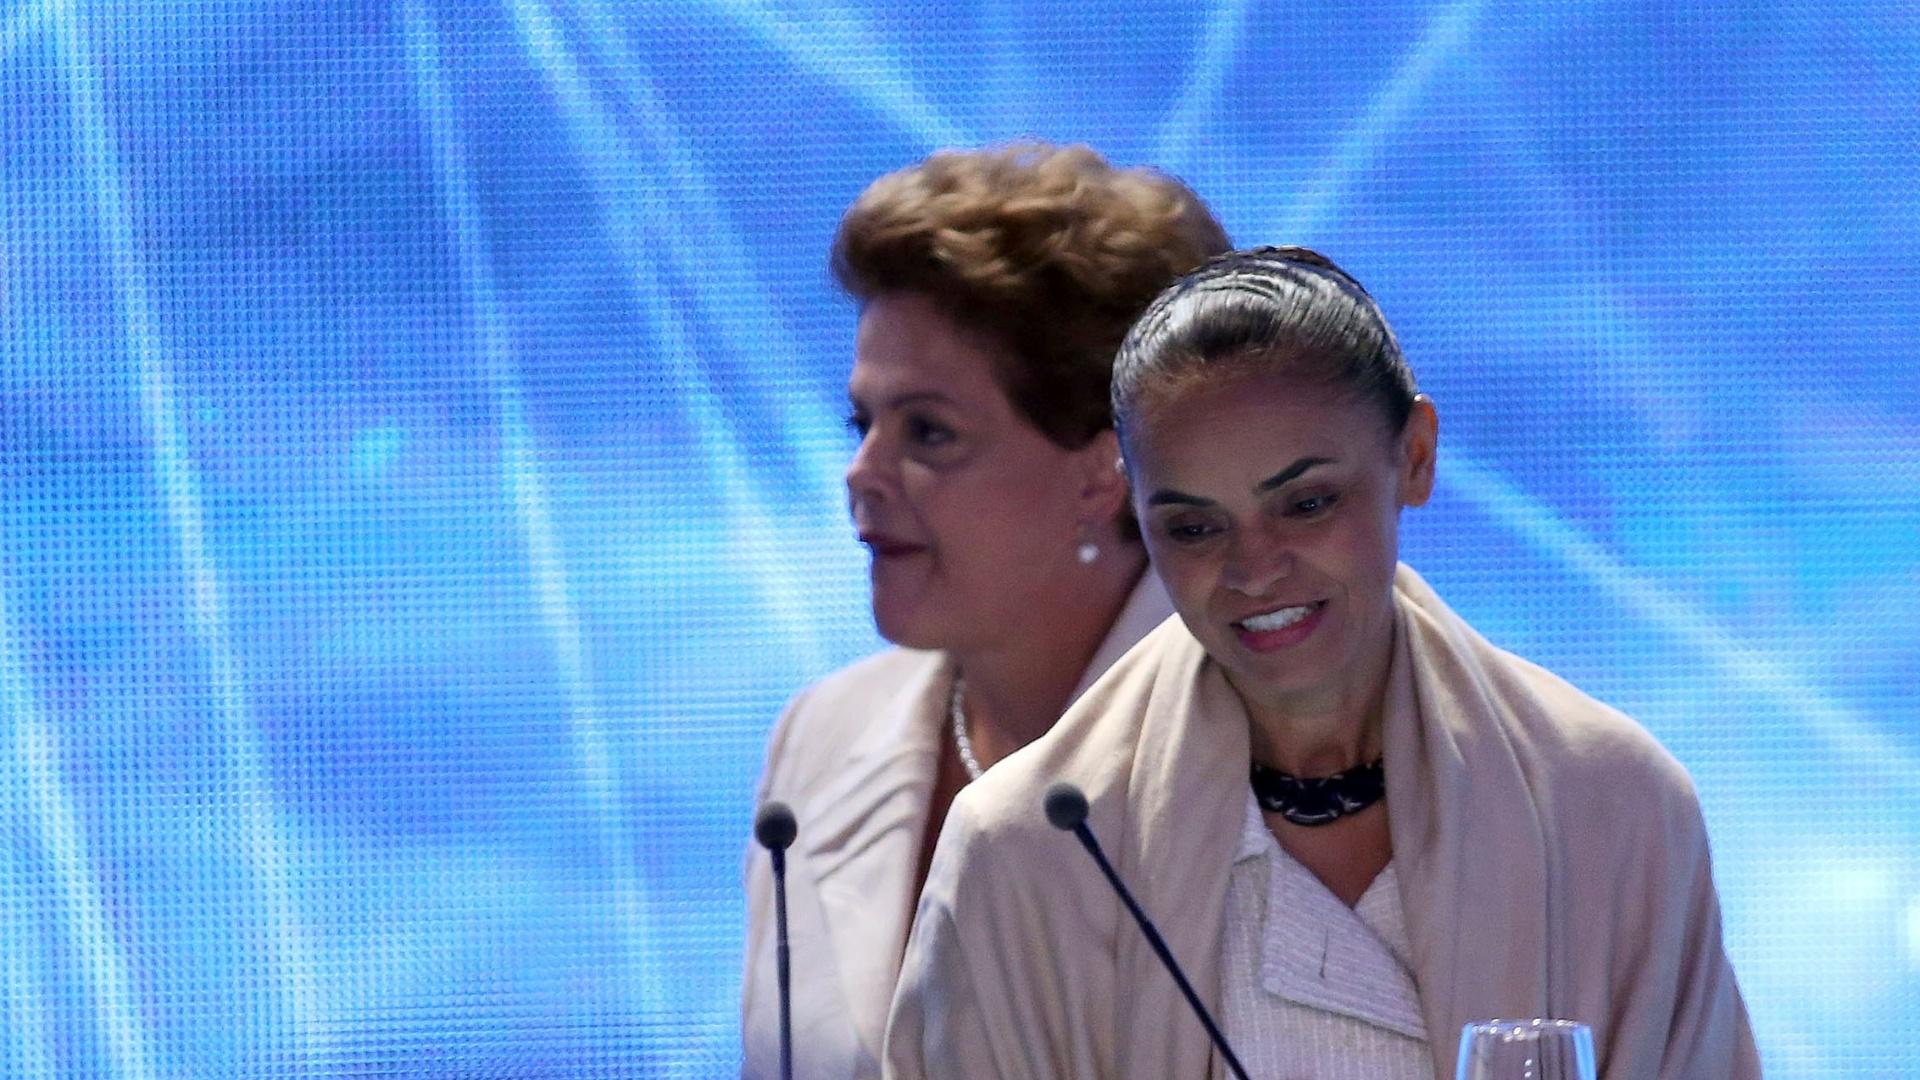 26.ago.2014 - A candidata à reeleição, Dilma Rousseff (PT), passa pela adversária Marina Silva (PSB) ao se posicionar no palco do primeiro debate entre os presidenciáveis, promovido pela TV Bandeirantes nesta terça-feira